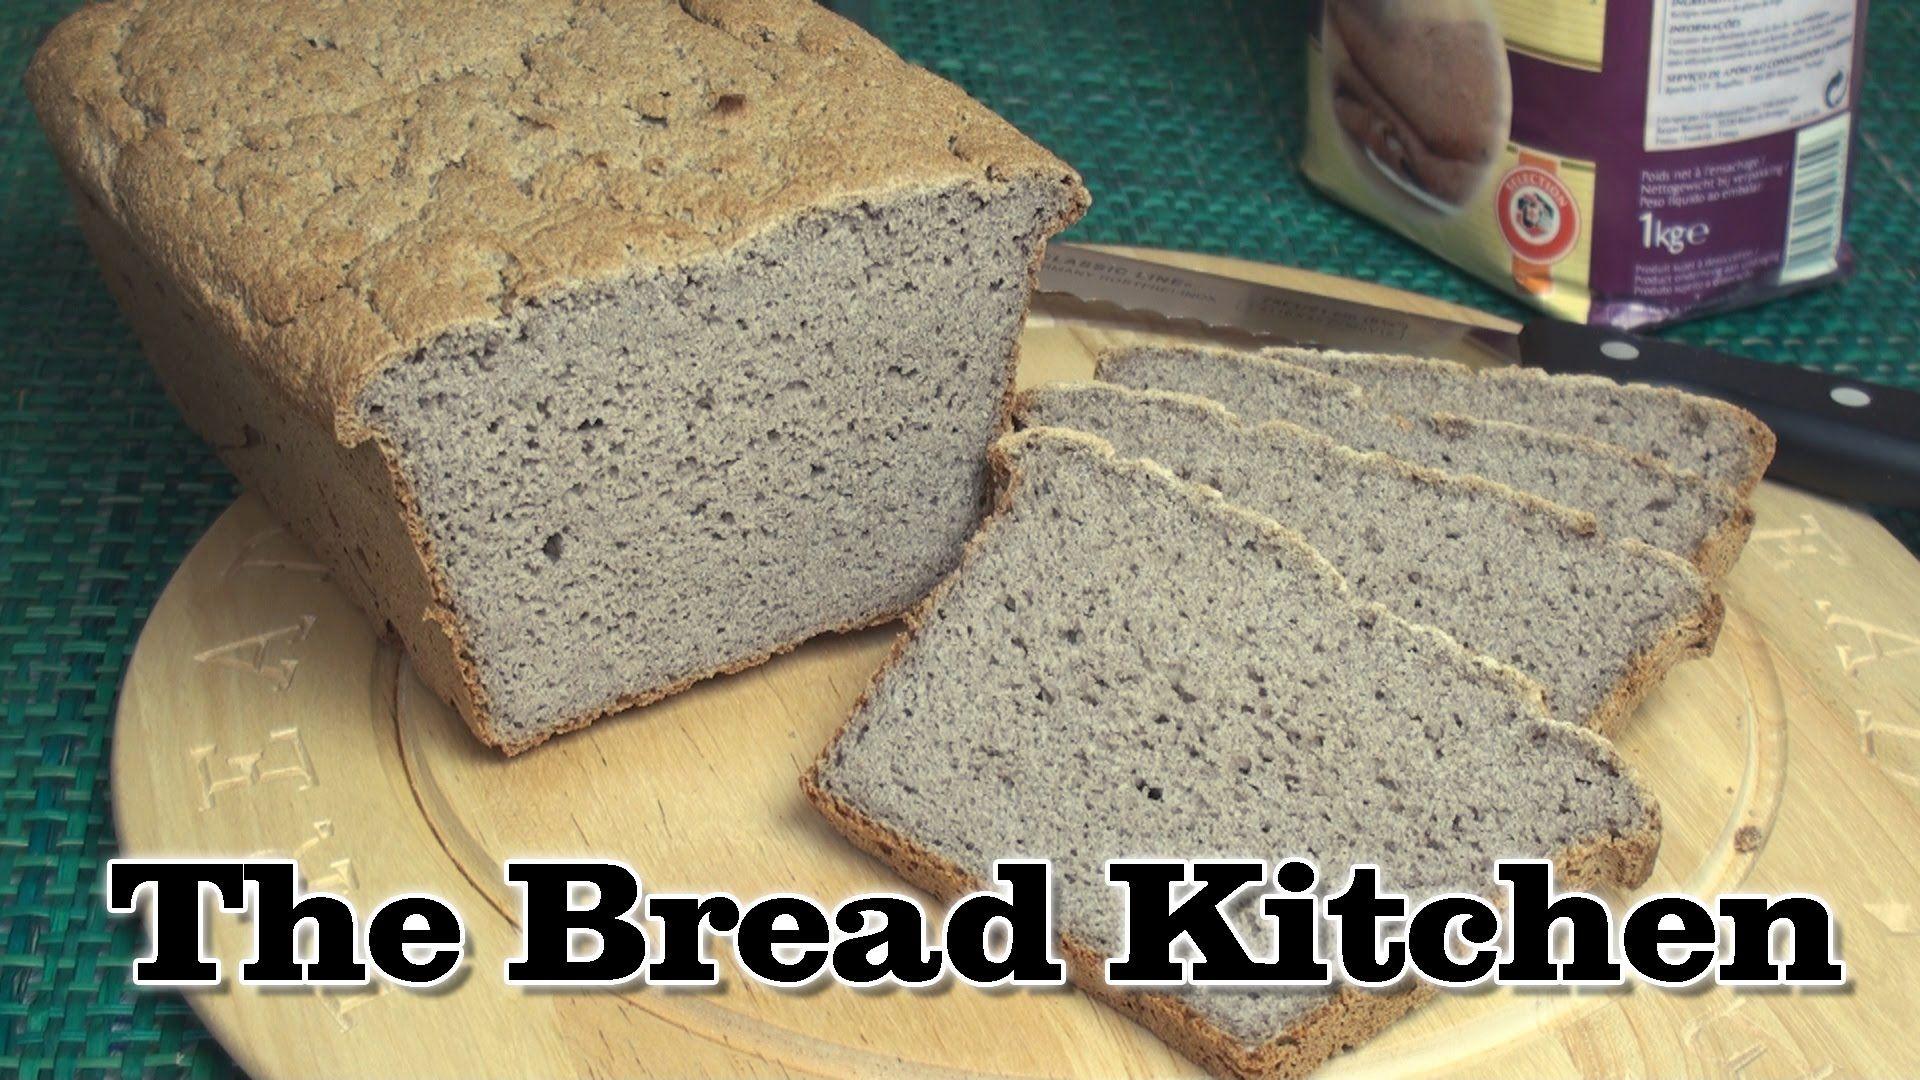 Gluten Free Buckwheat Loaf Recipe In The Bread Kitchen With Images Buckwheat Bread Gluten Free Recipes Bread Gluten Free Buckwheat Bread